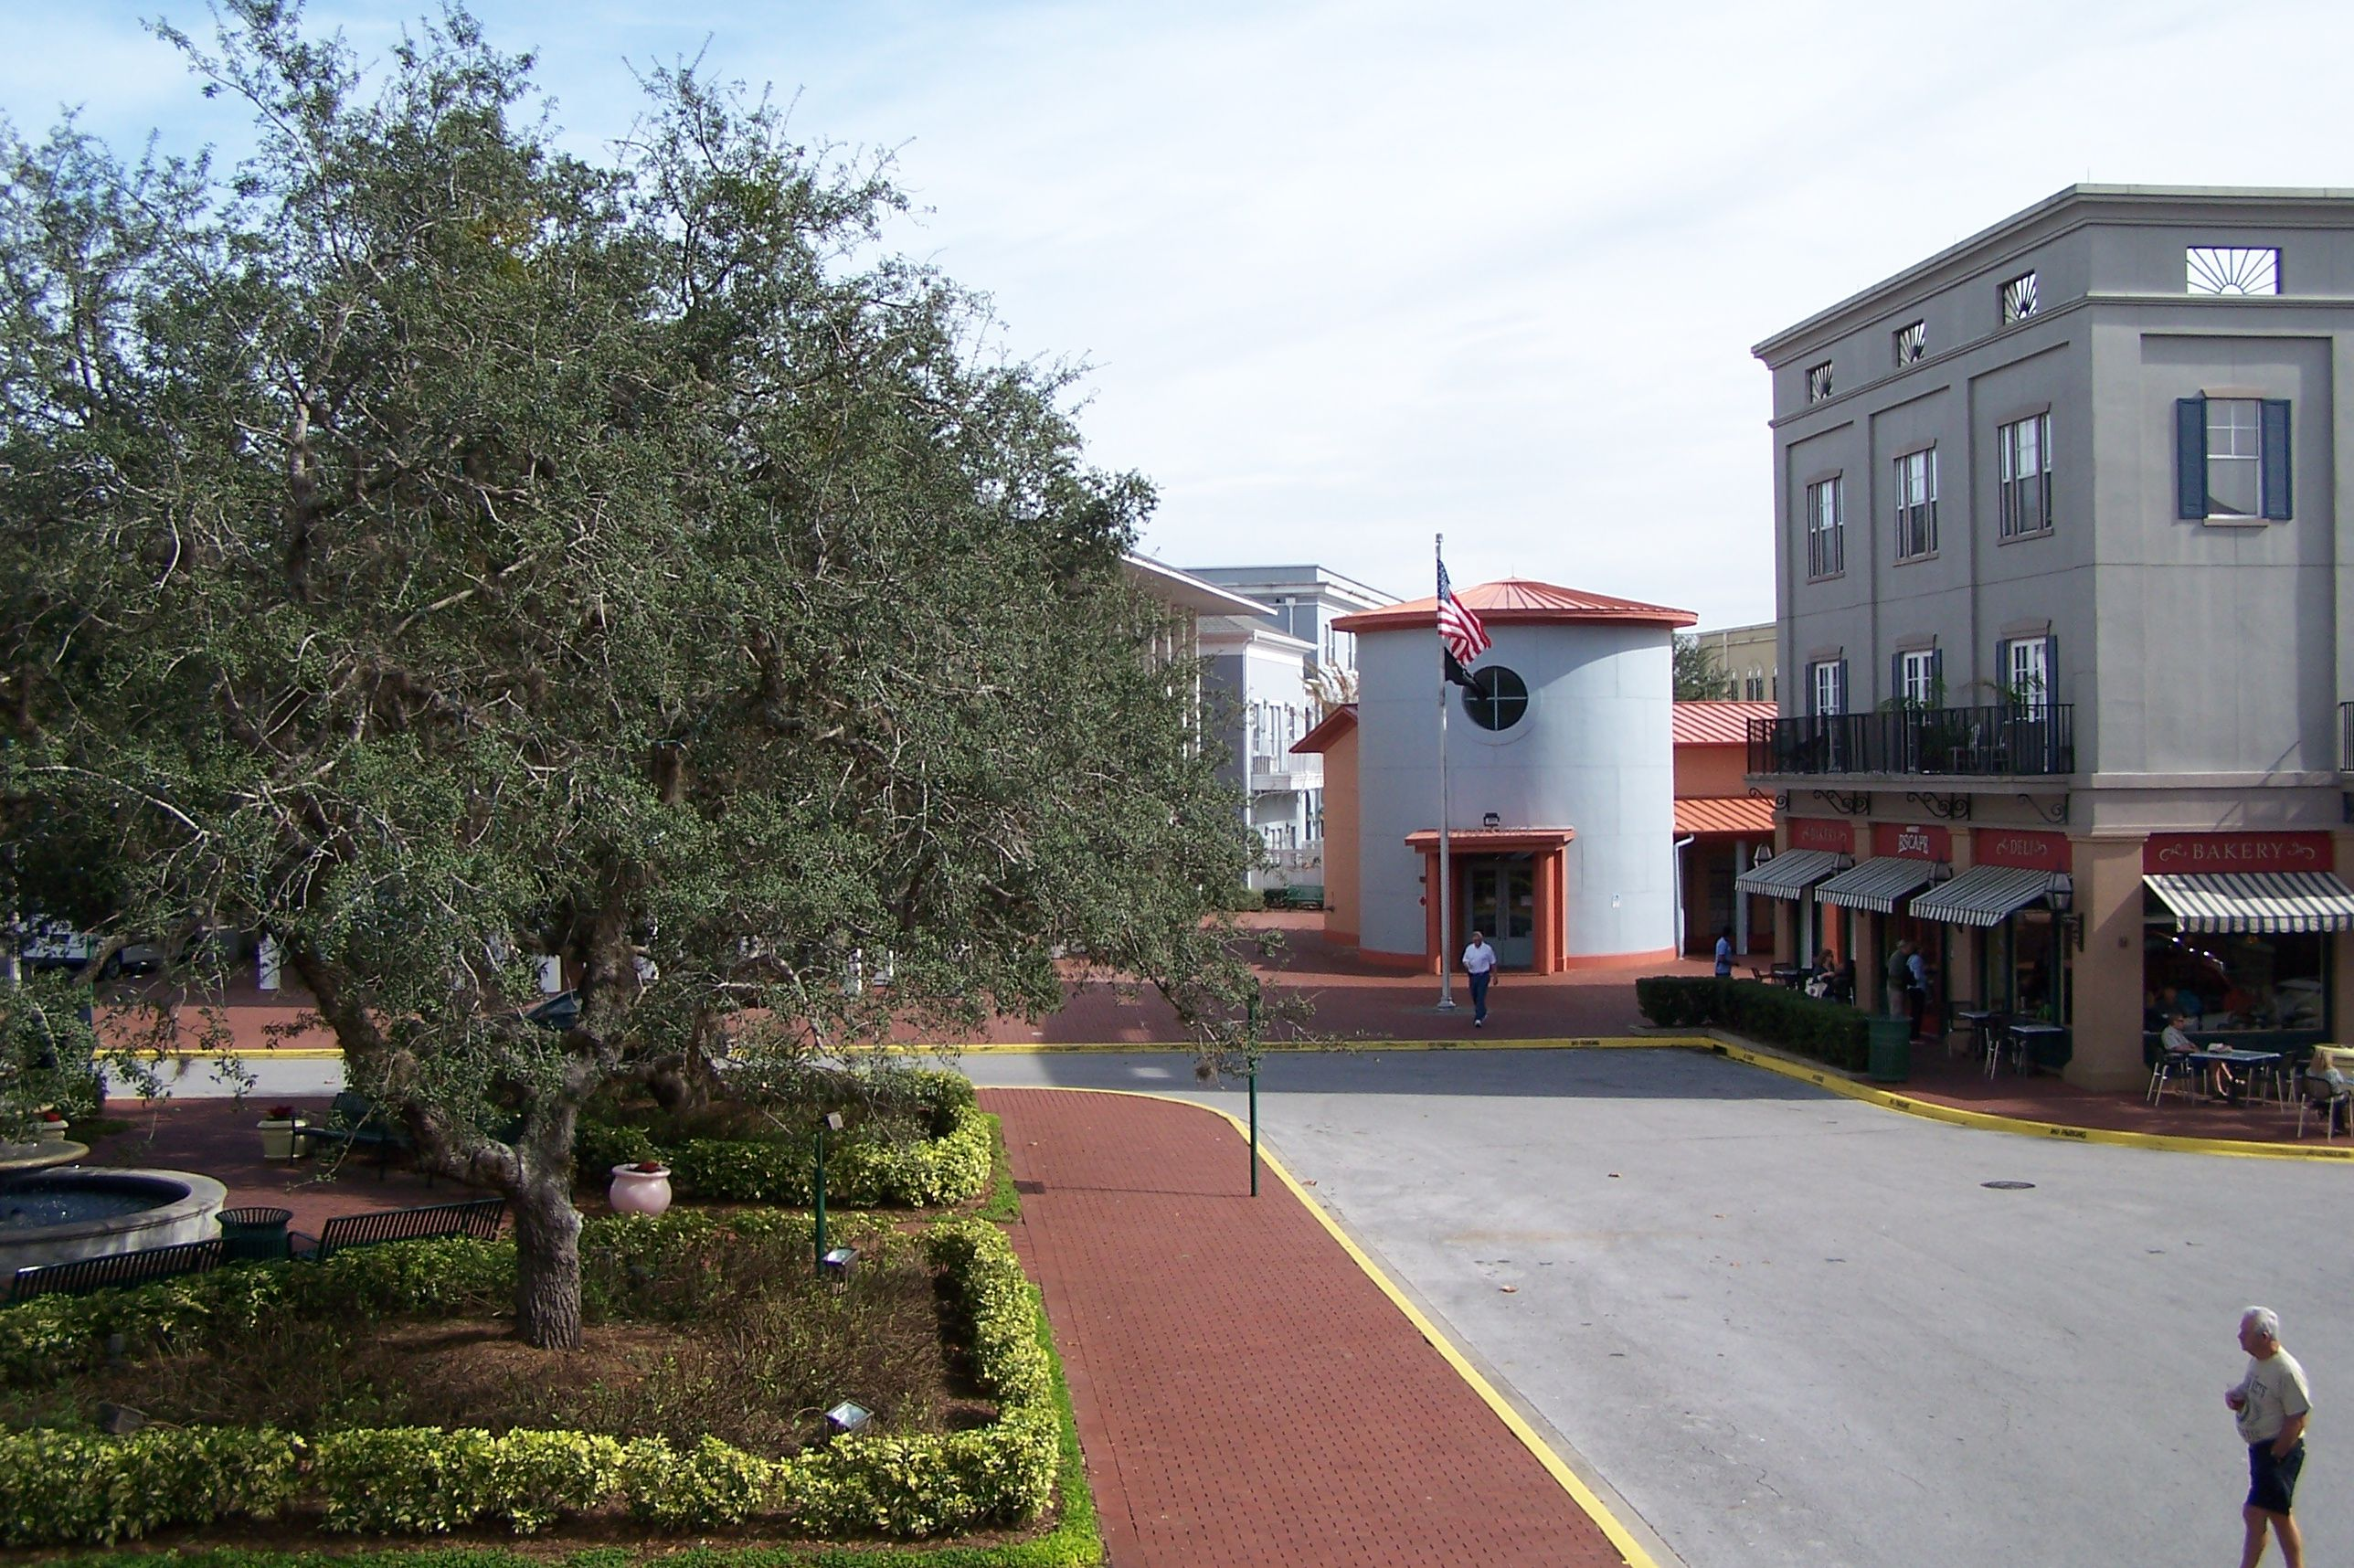 Plaza típica de la ciudad cerca de una oficina de correos cilíndrica y cafés en la acera bajo toldos